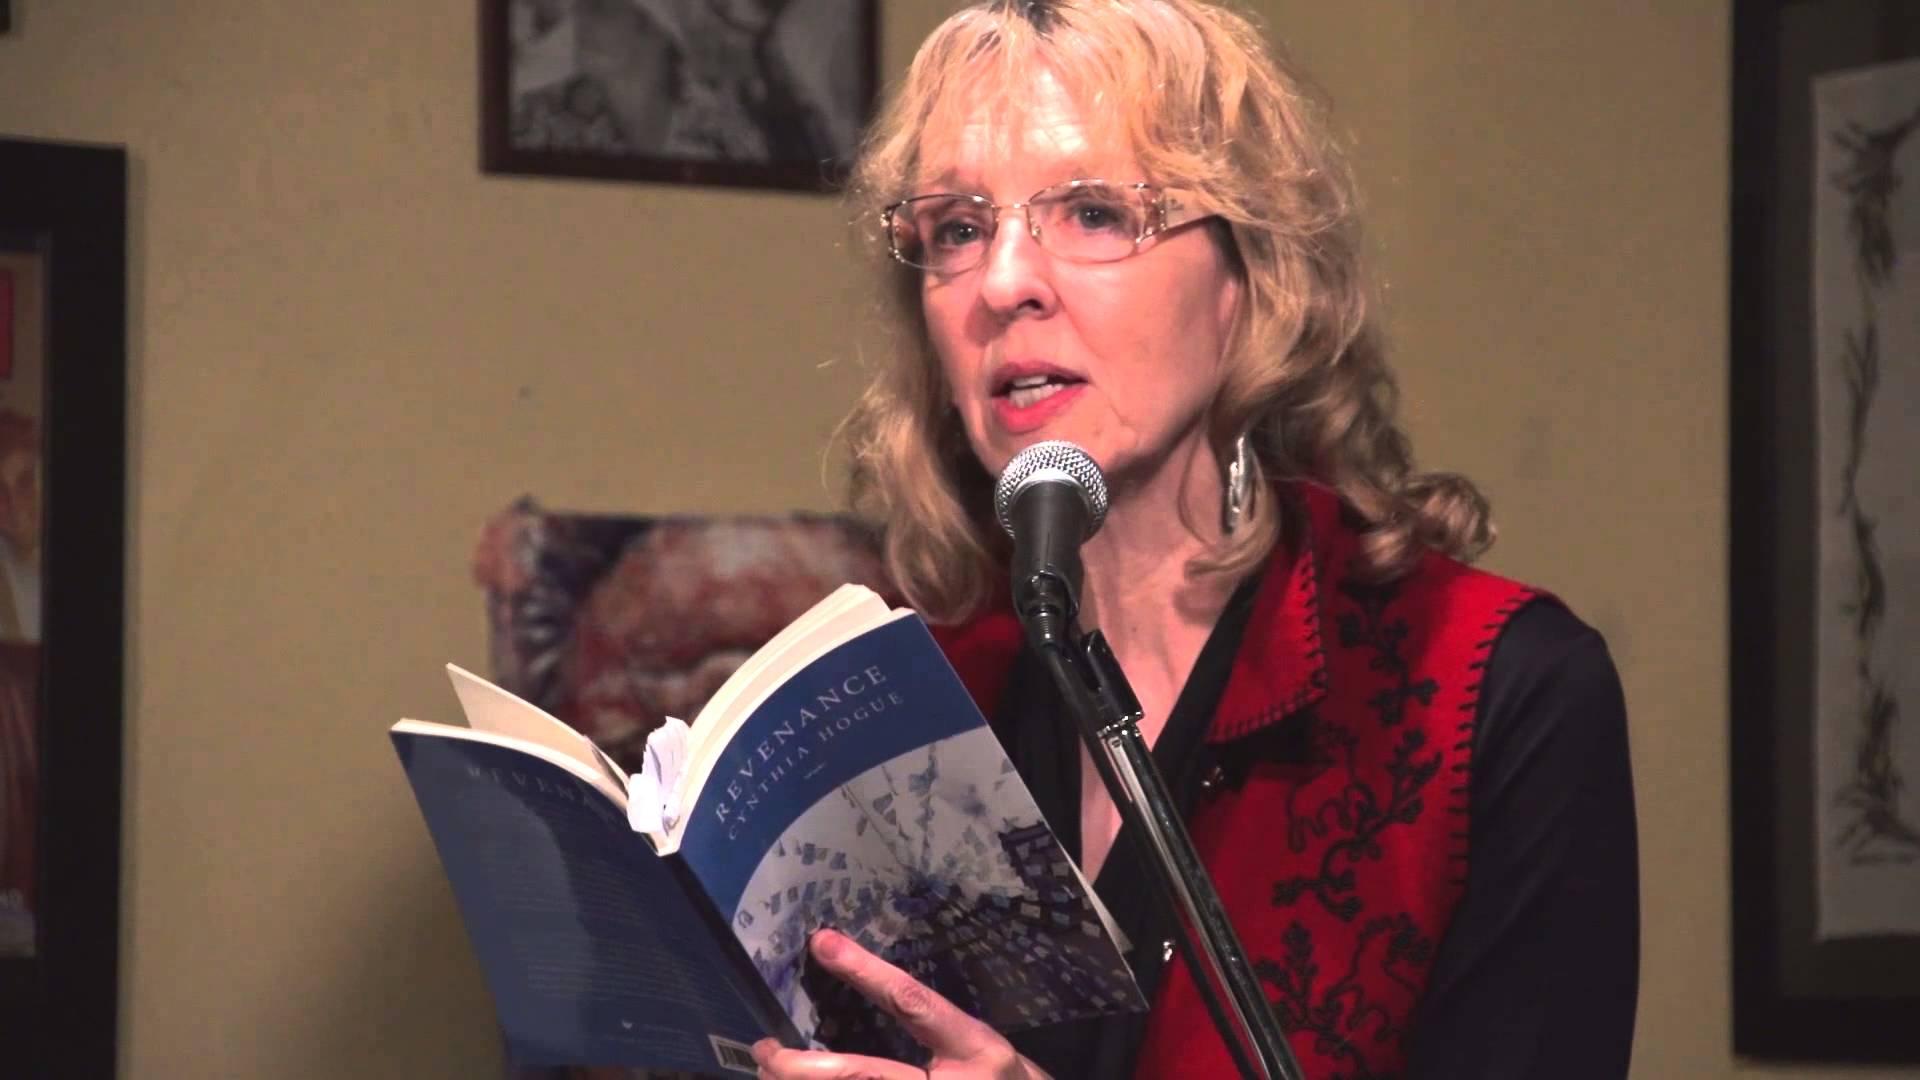 Cynthia Hogue on Poets Cafe